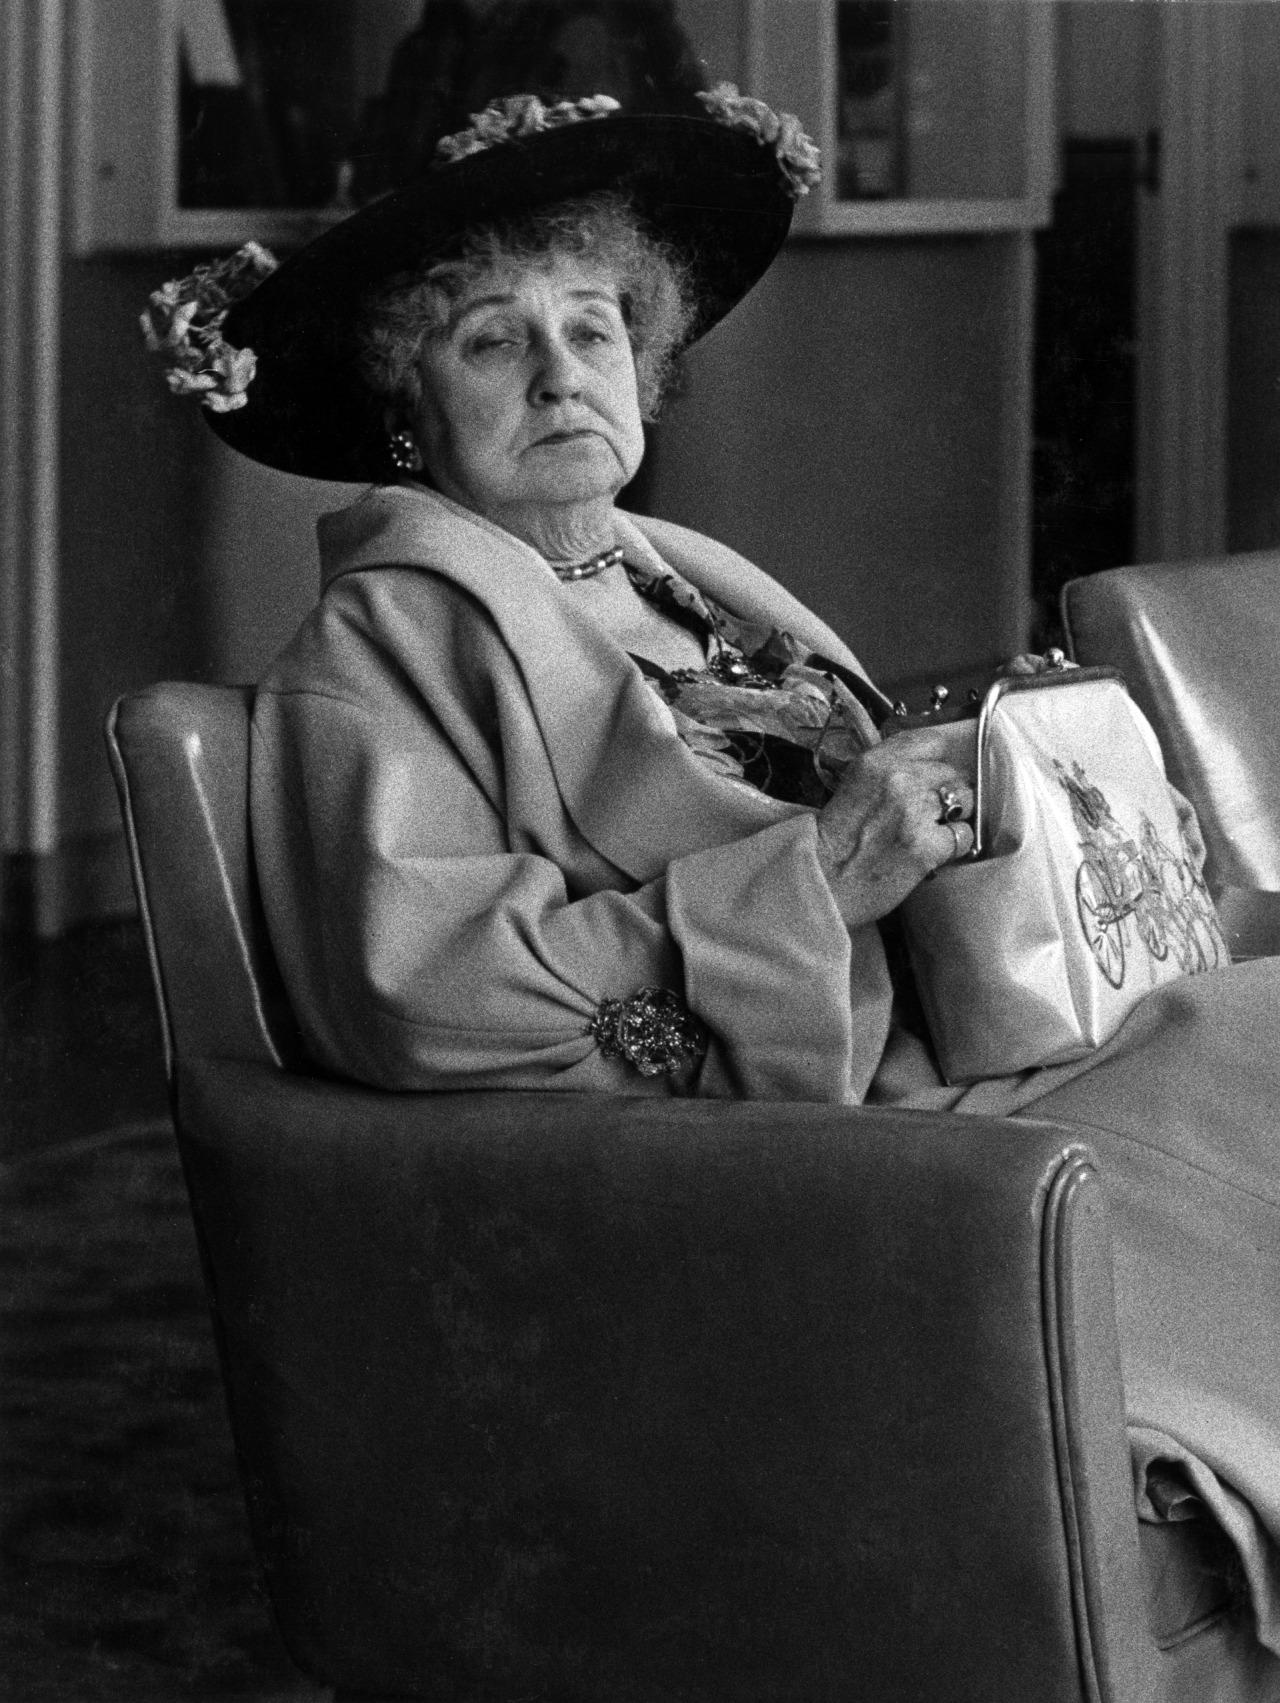 Fotó: Paul Almásy: Idős hölgy a Hilton halljában, 1958, 39,2 x 29,8 cm, zselatinos ezüst, Magyar Fotográfiai Múzeum